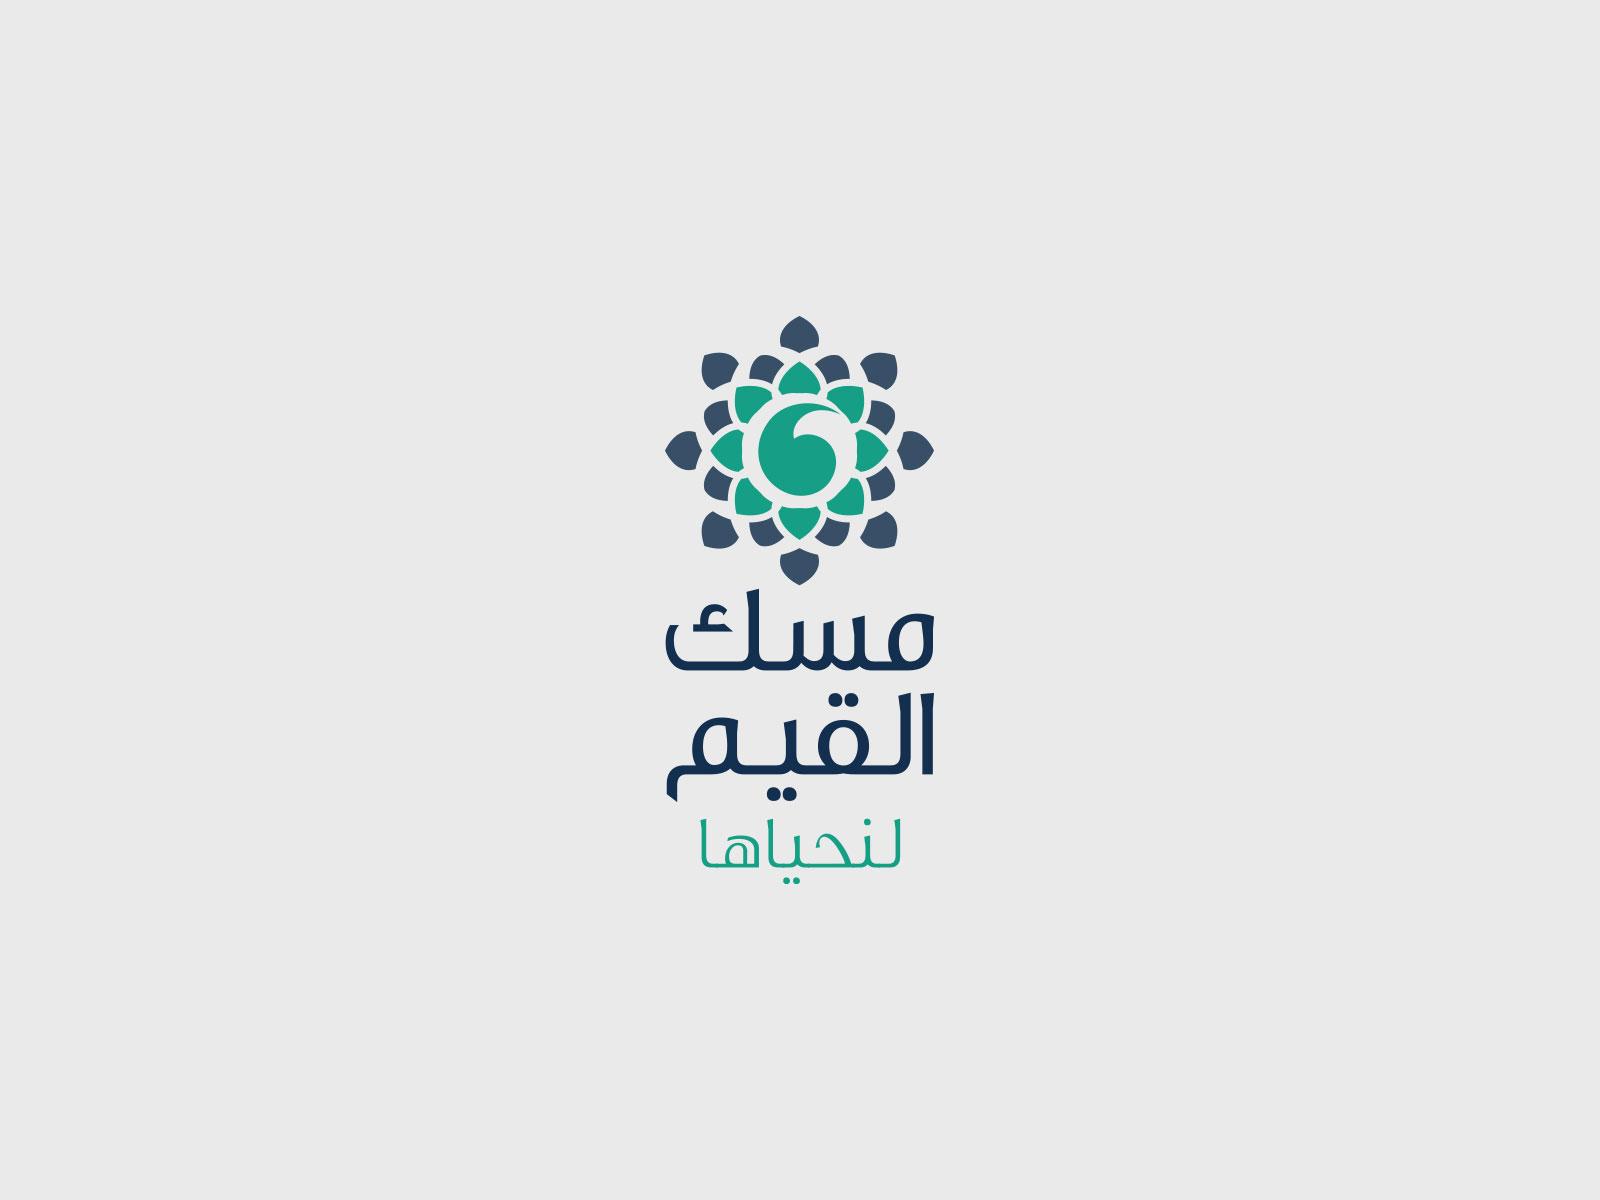 """""""مسك الخيرية"""" تطلق مبادرة """"مسك القيم"""" عبر مقاطع مرئية في رمضان"""